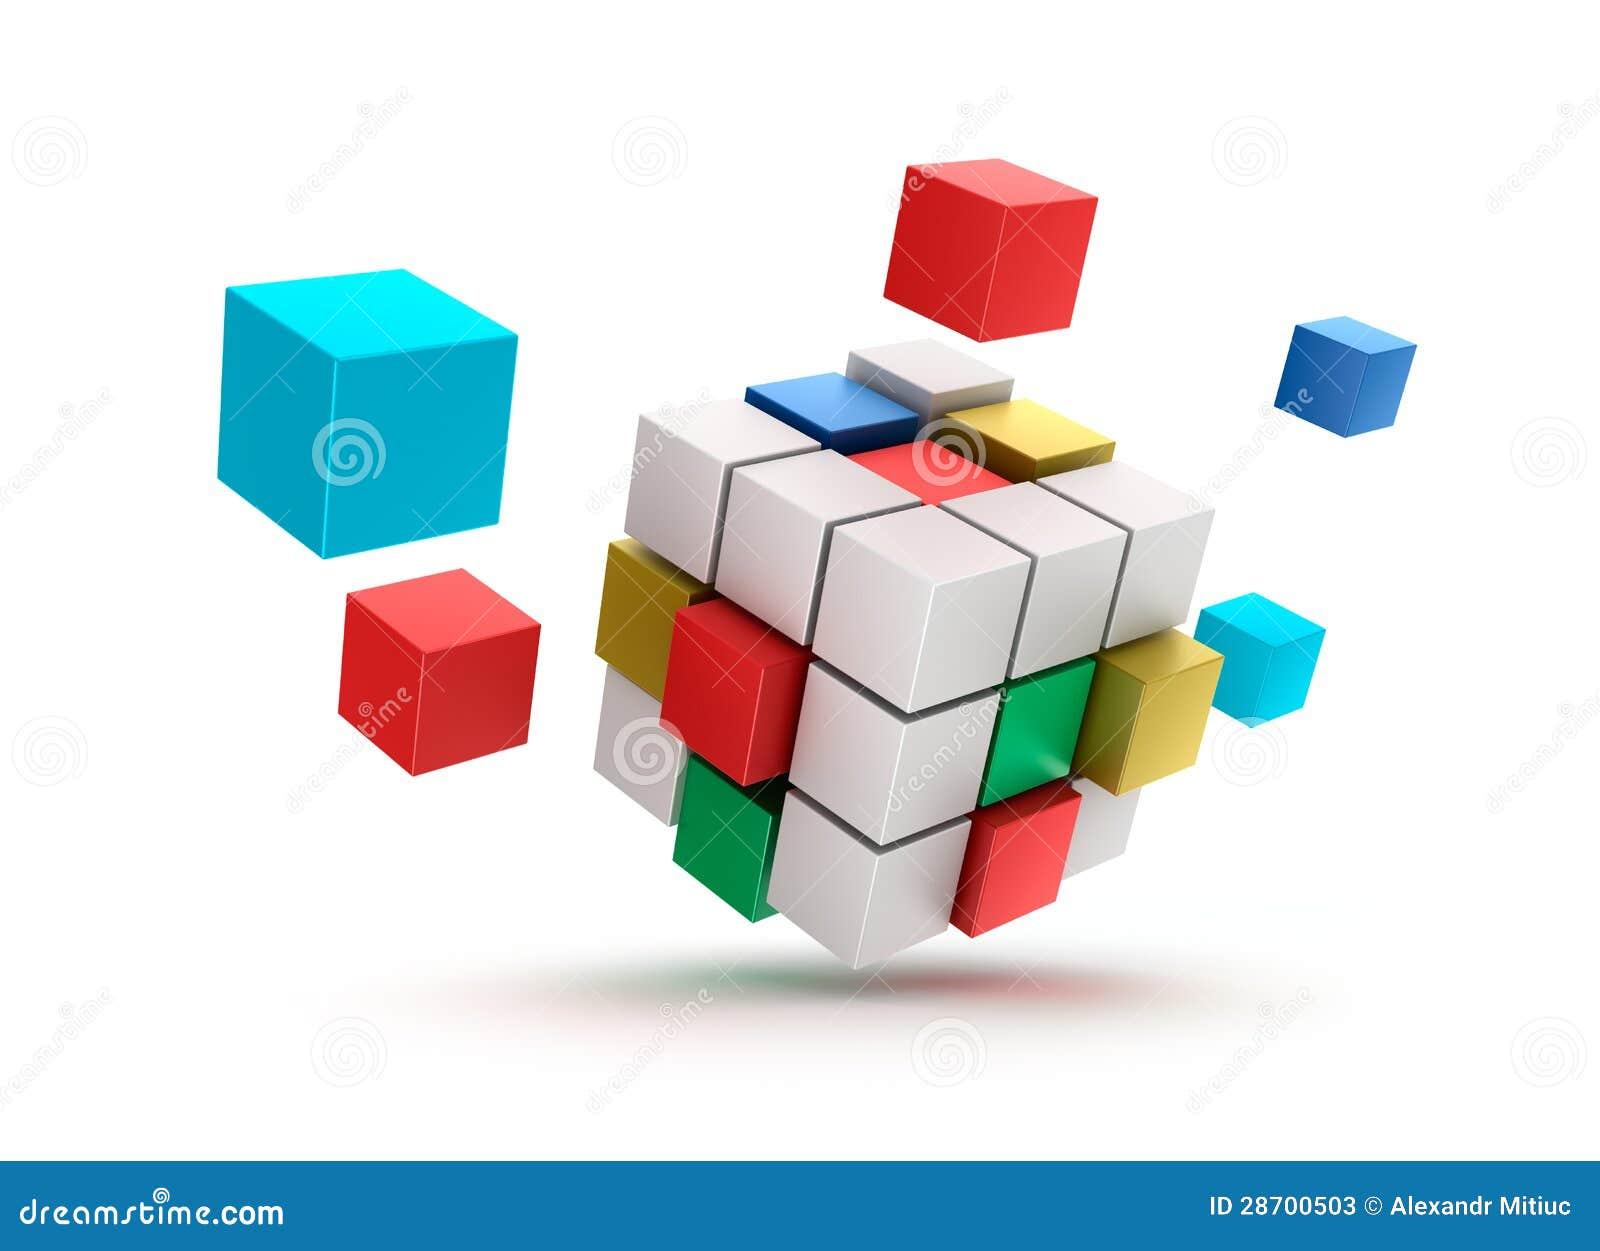 Abstract Logos Square Logos amp Cube Logos